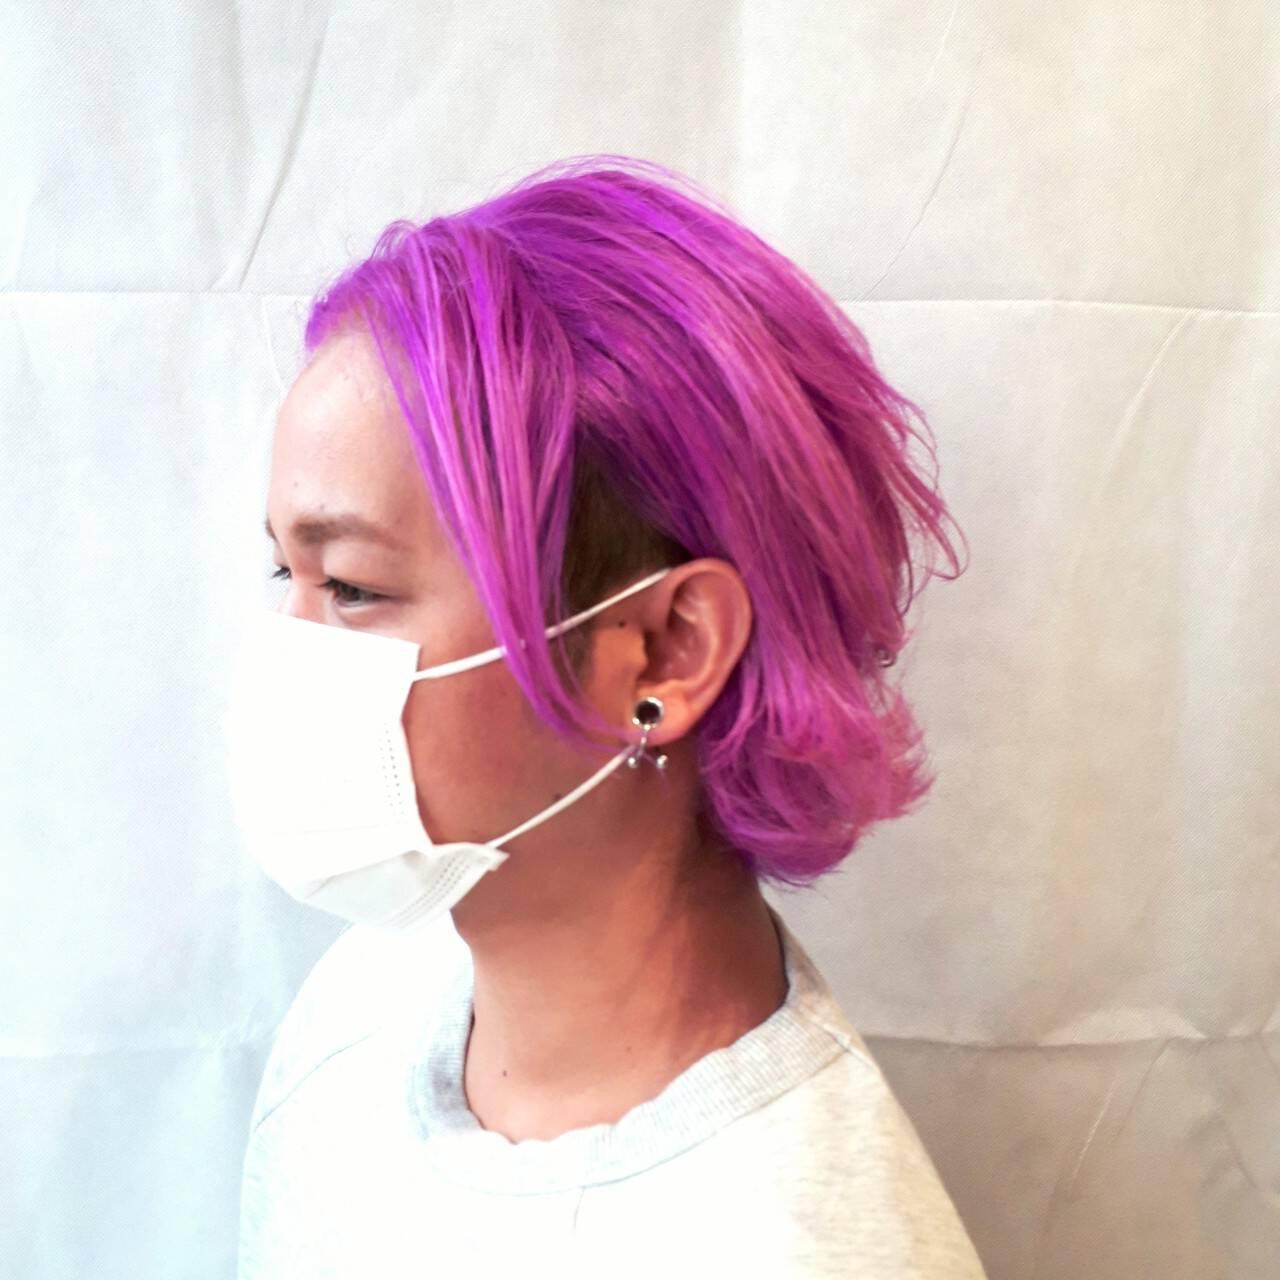 ボーイッシュ ネオンカラー ストリート カラーバターヘアスタイルや髪型の写真・画像